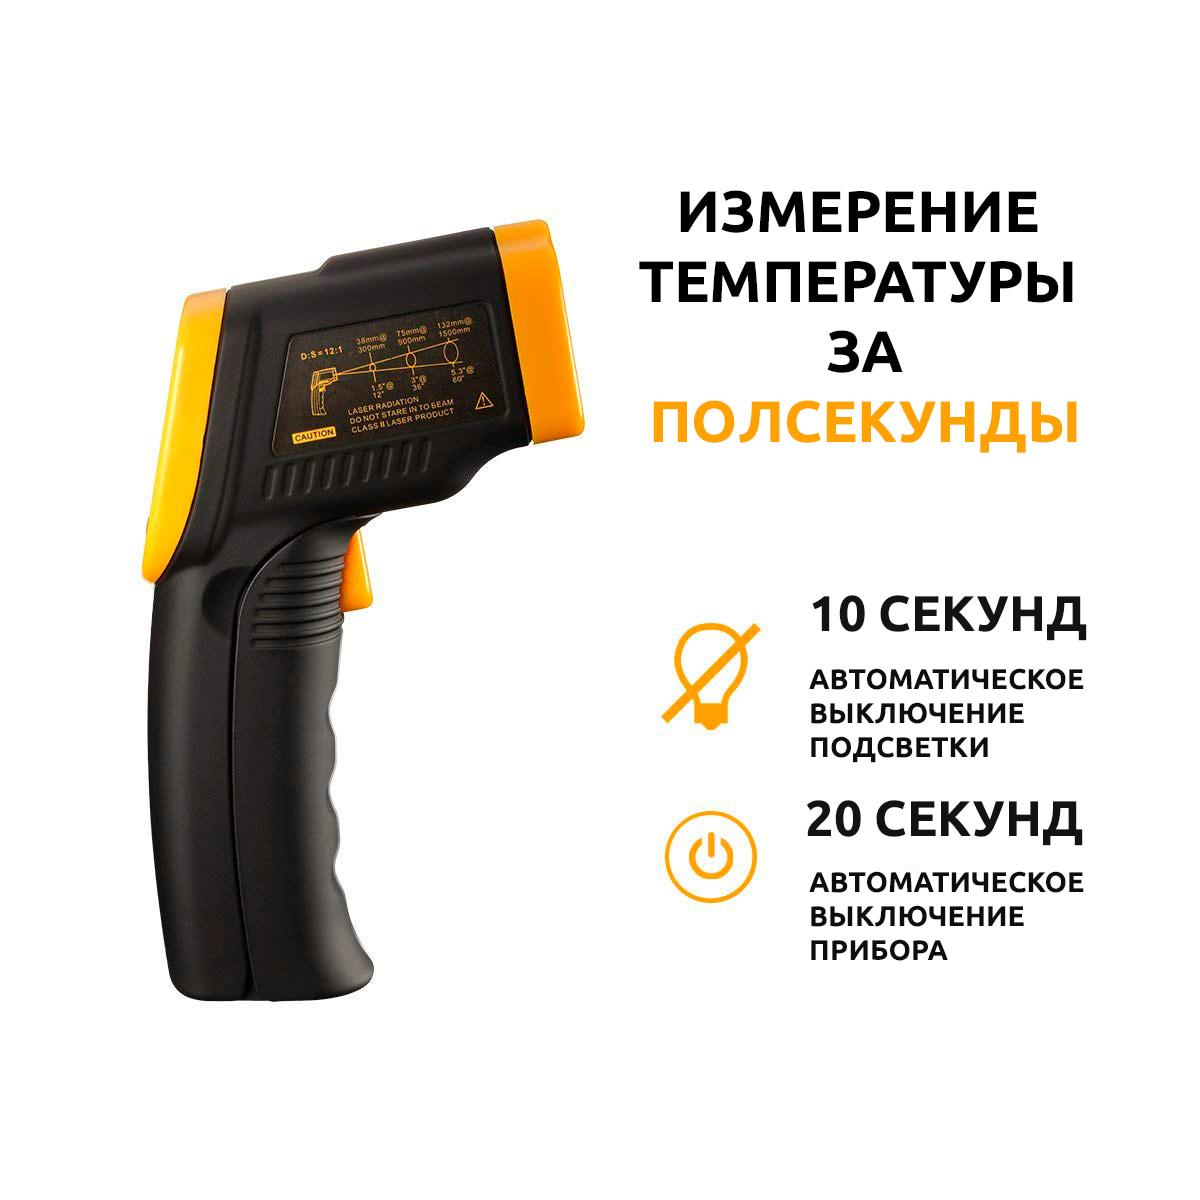 Пирометр AMTAST AMT320 поможе измерить быстро температуру любого источника.